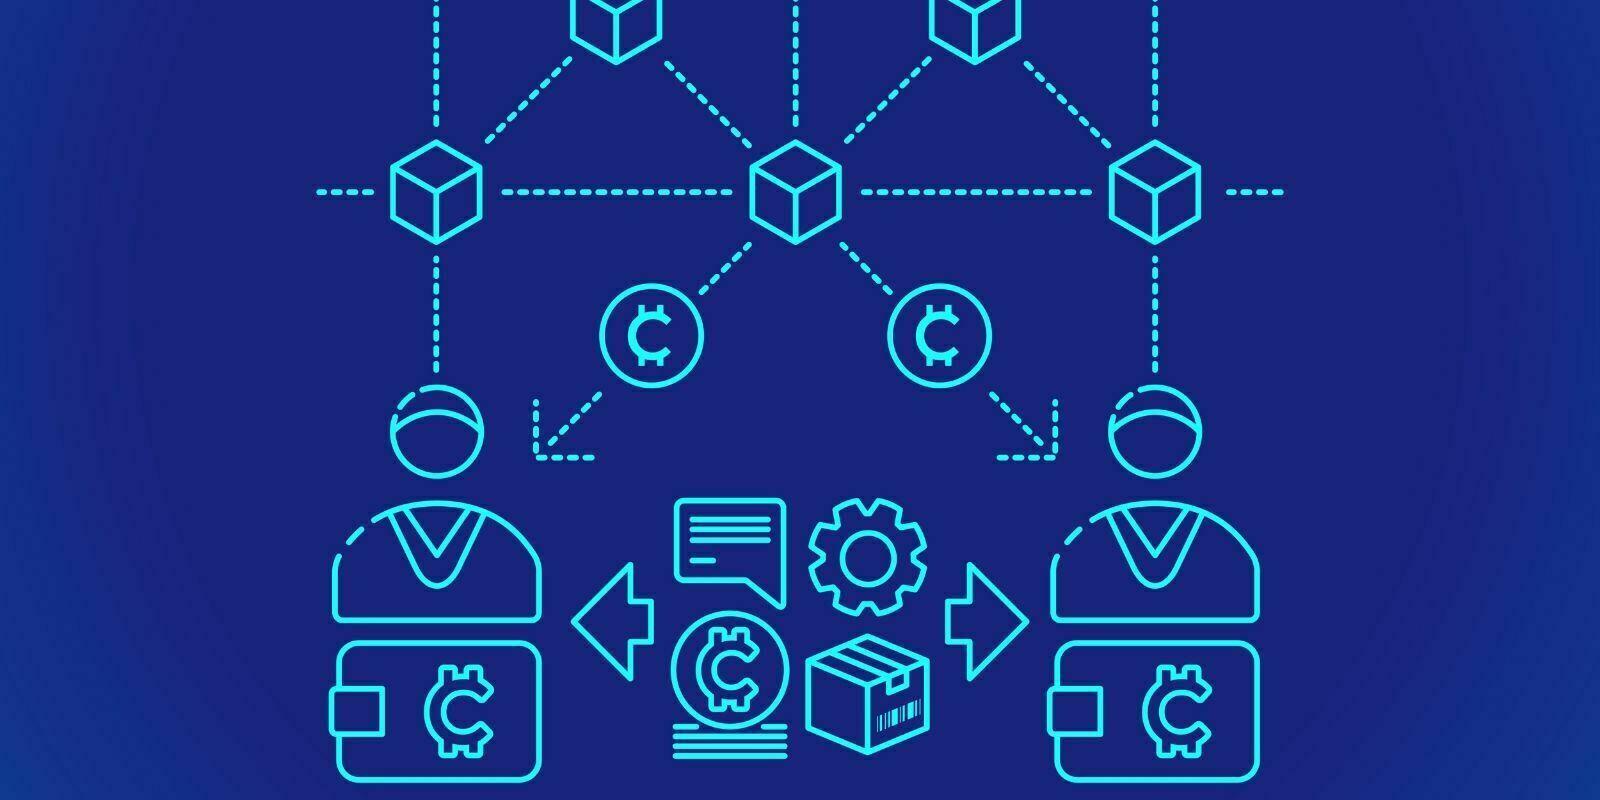 Différents consensus dans la blockchain